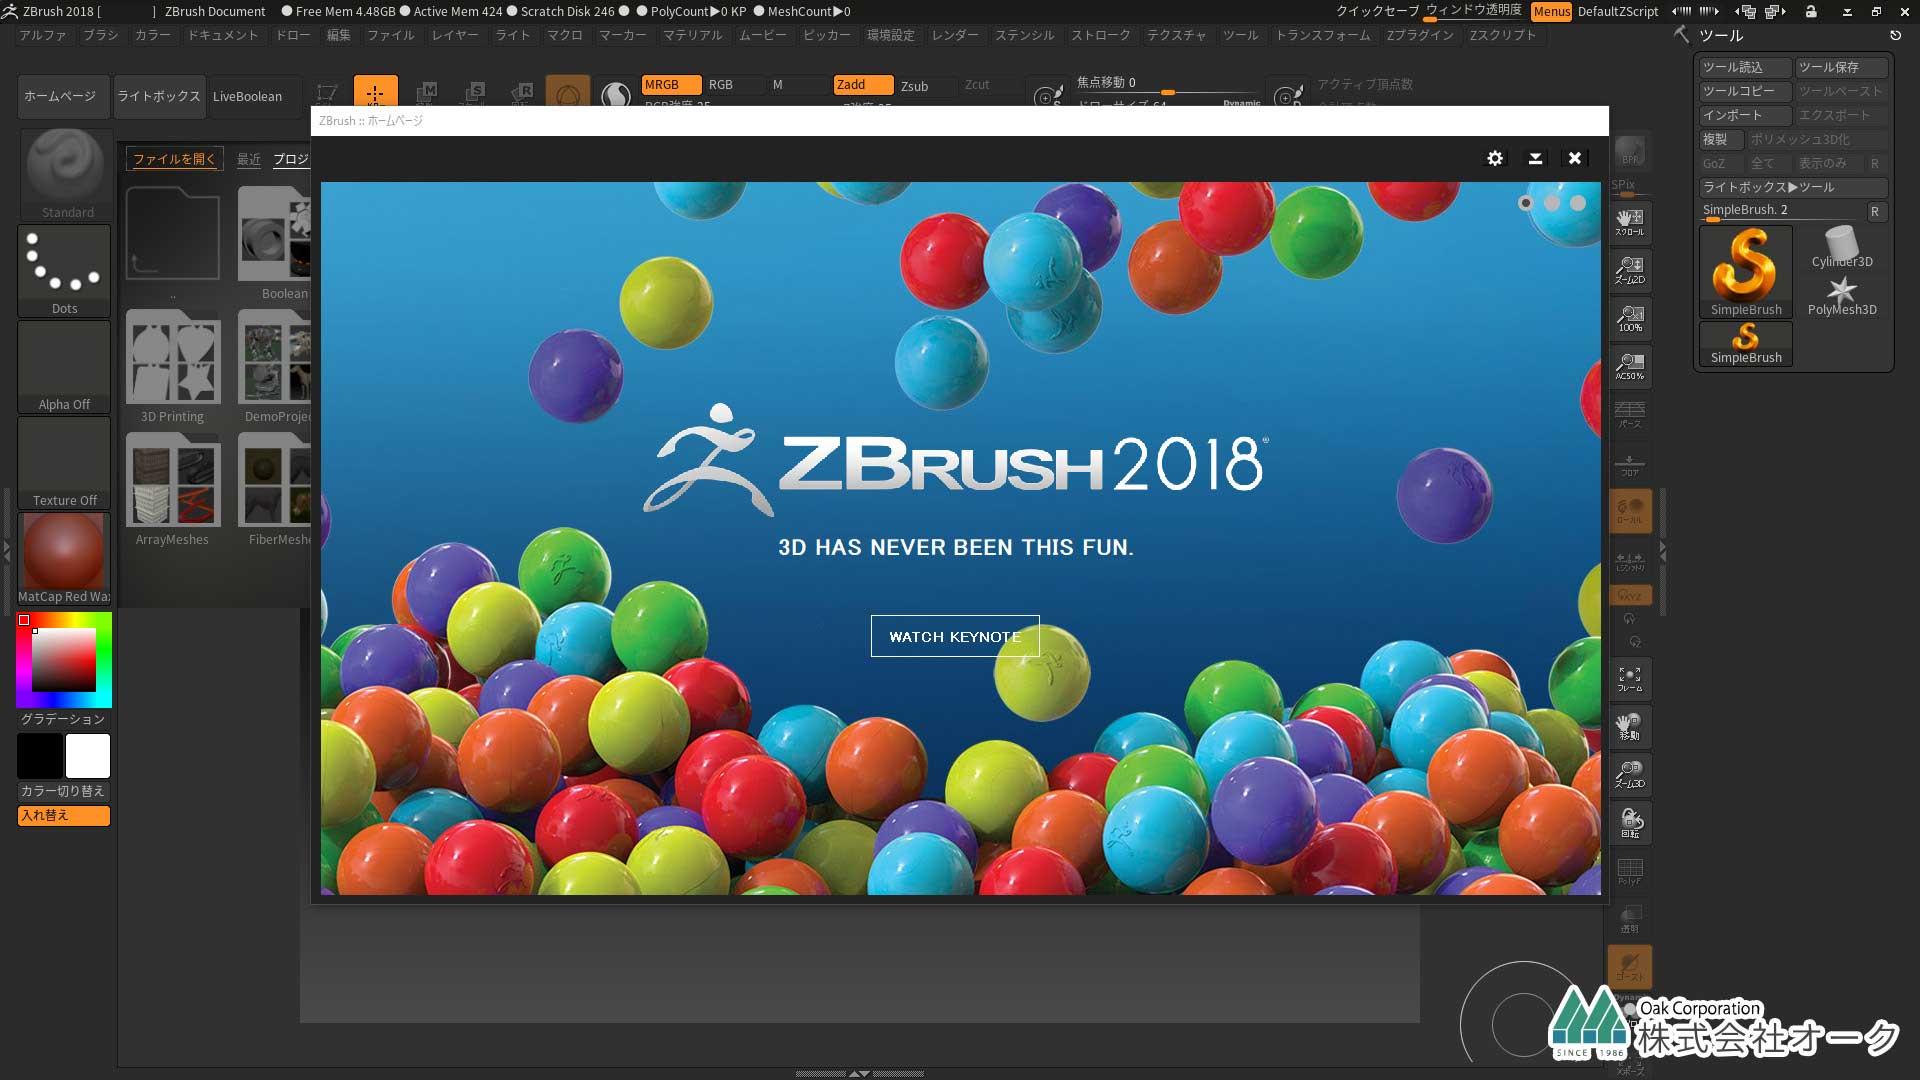 ZBrush ログイン